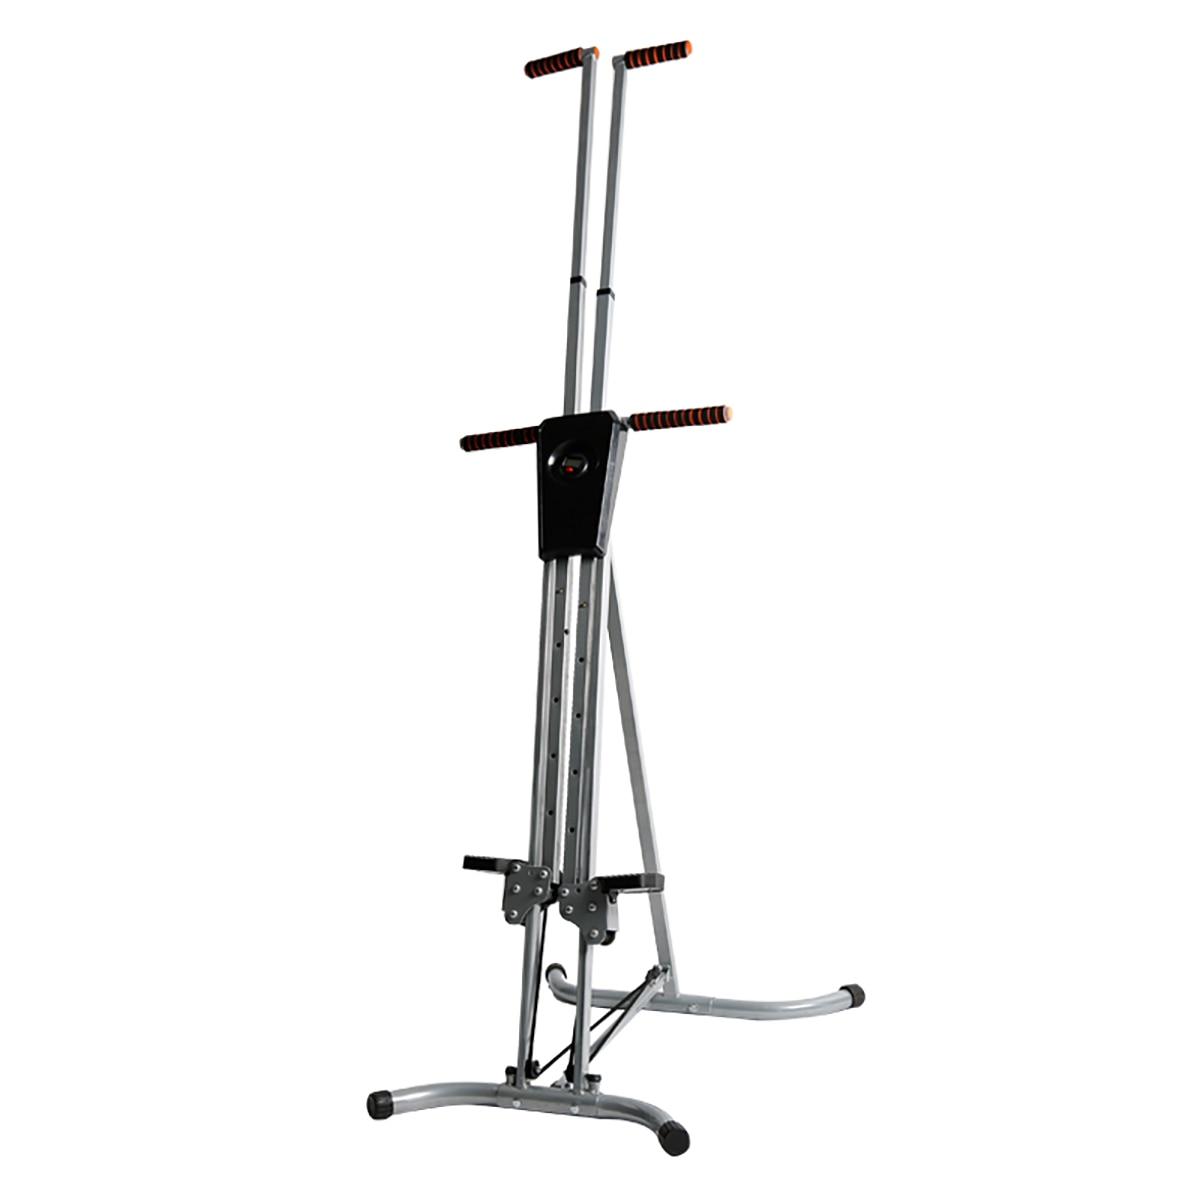 Многофункциональные вертикальные тренажеры для похудения ручка для упражнений поручни для похудения фитнес оборудование для дома